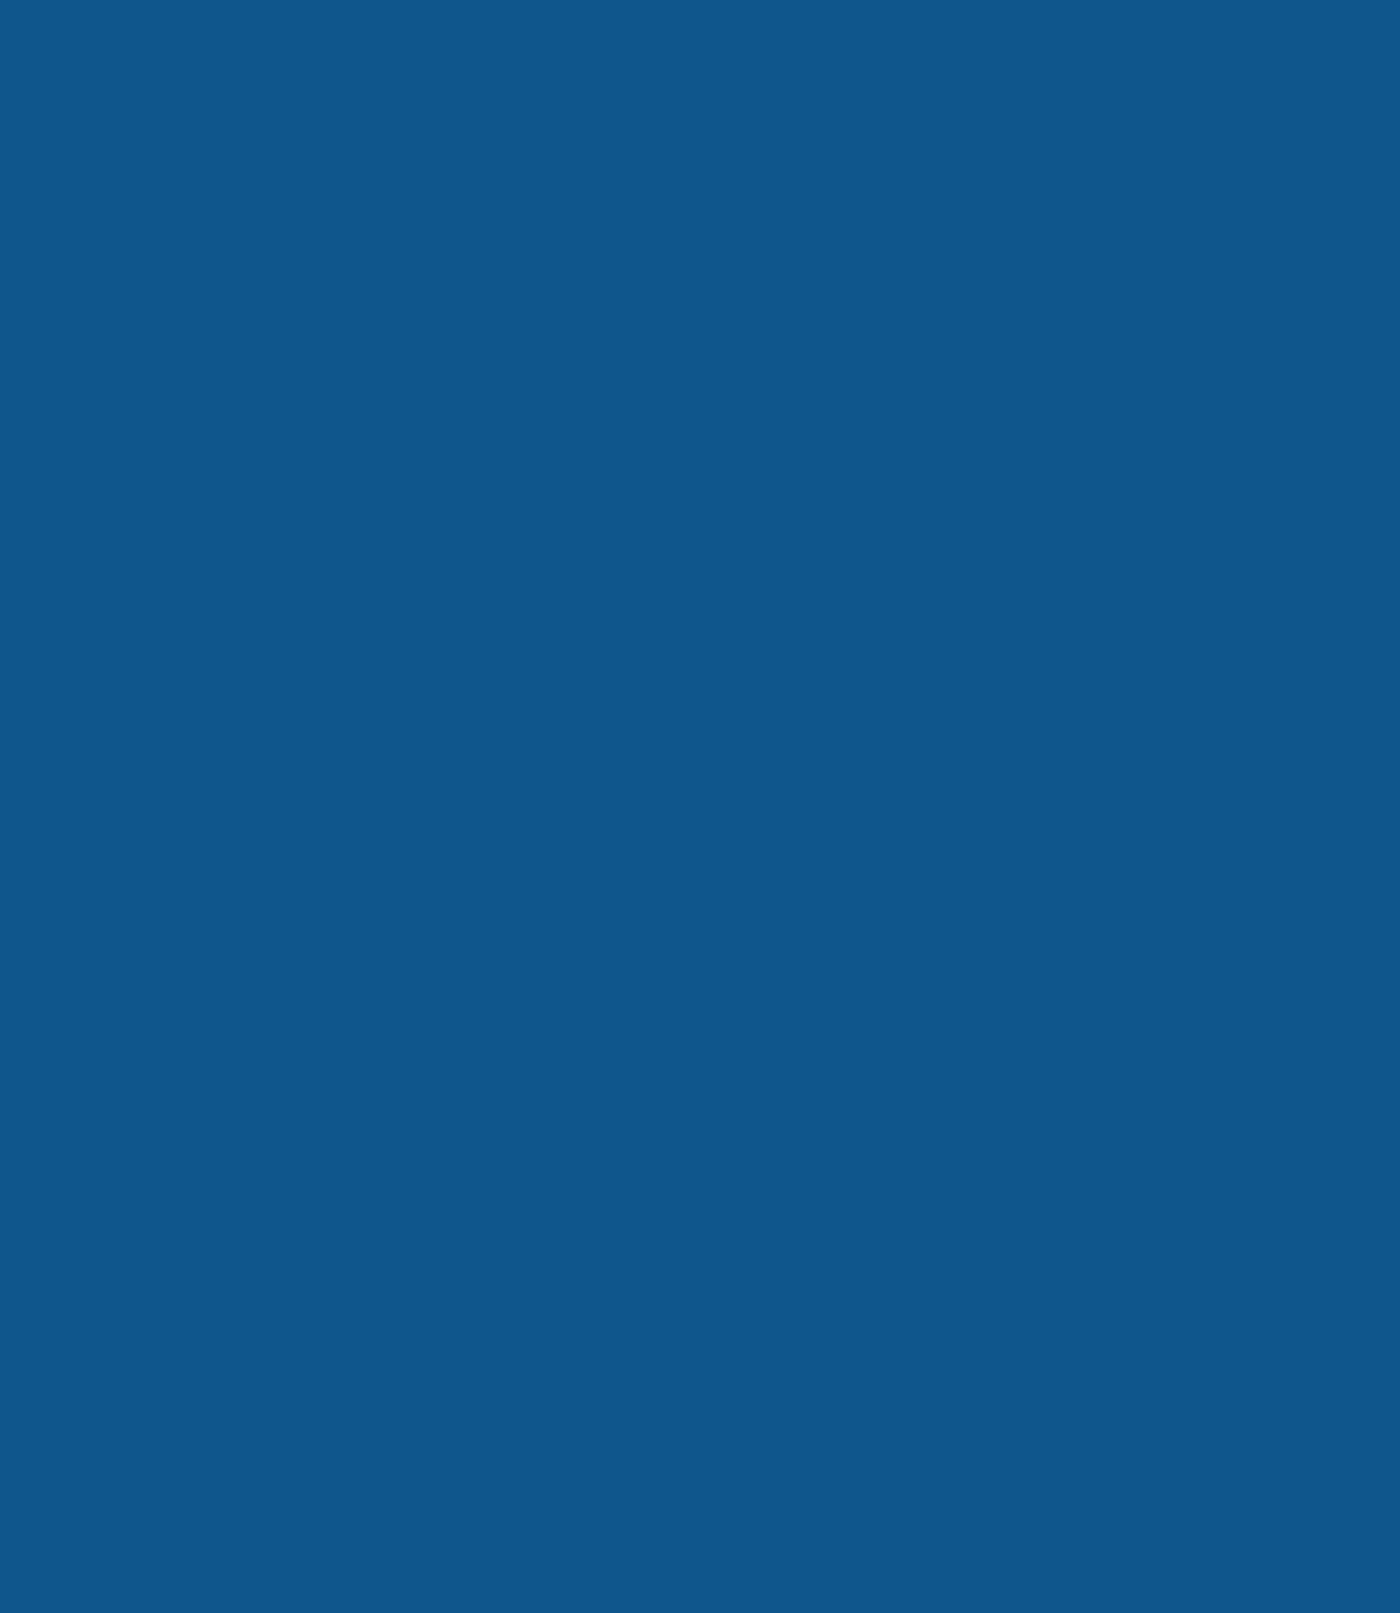 Landesverband Kehlkopfoperierte Baden-Württemberg e.V. - Kehlkopfkrebs